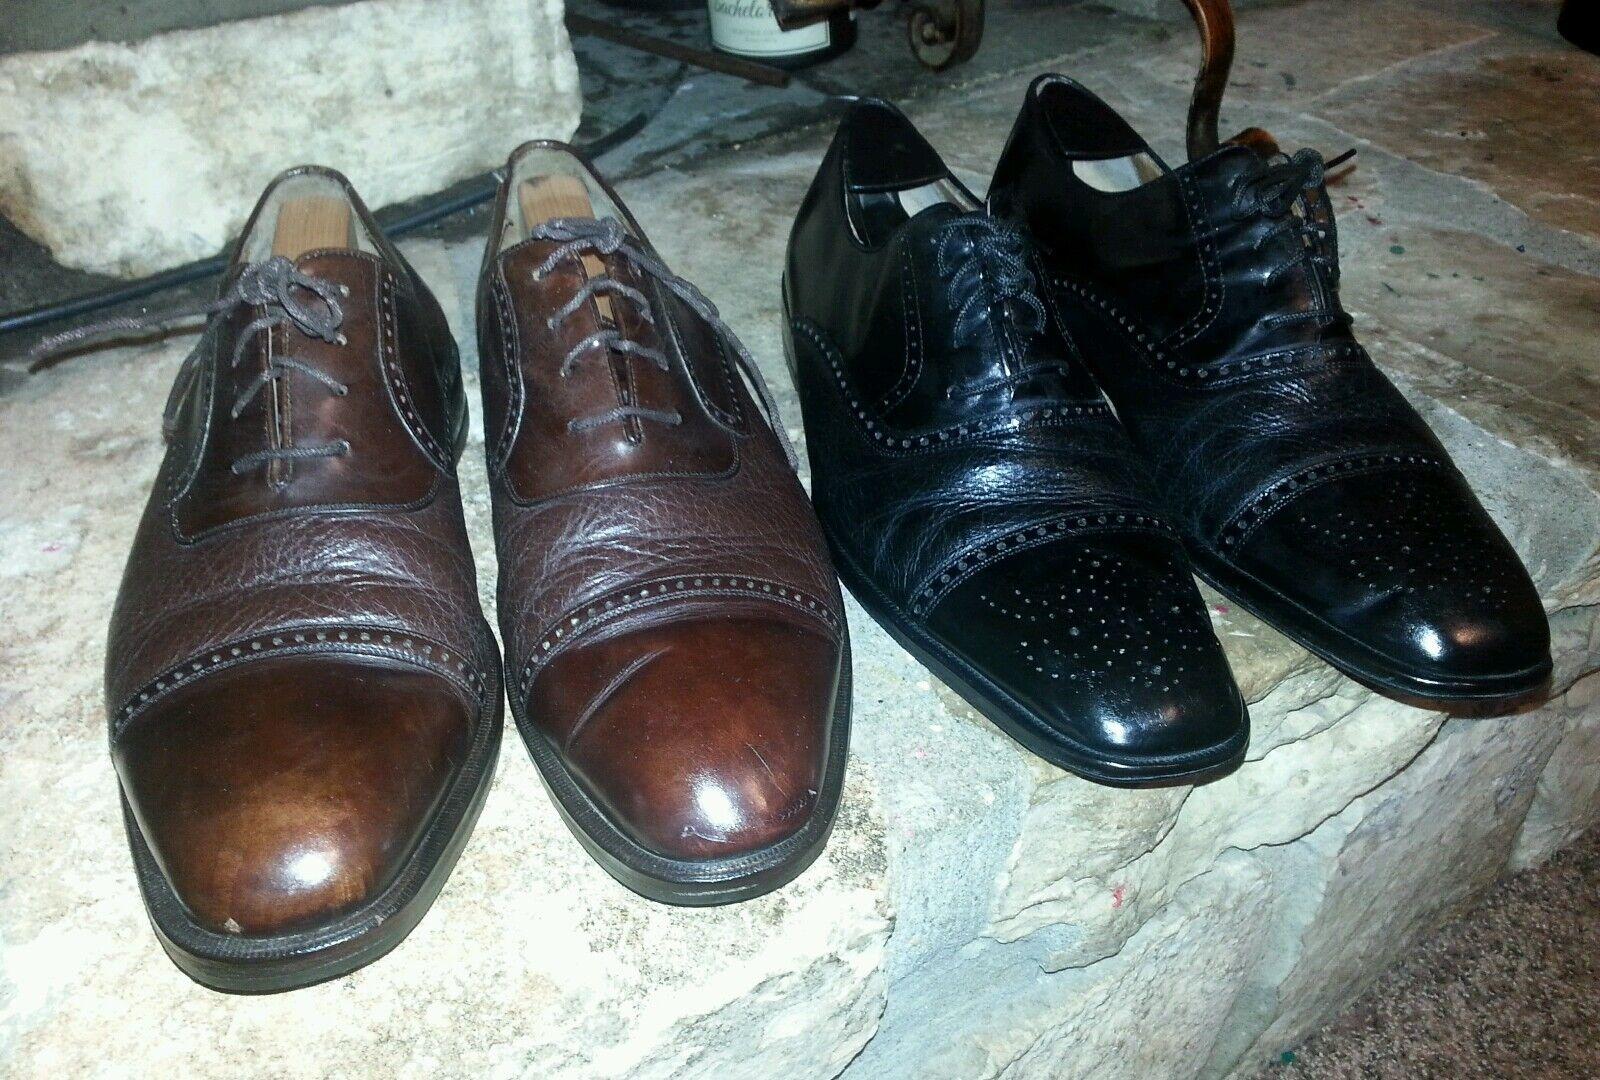 Lote mezlan Cap Zapatos Negro Andrew y Marrón Nicola tanto tamaño 10.5 hecho en España